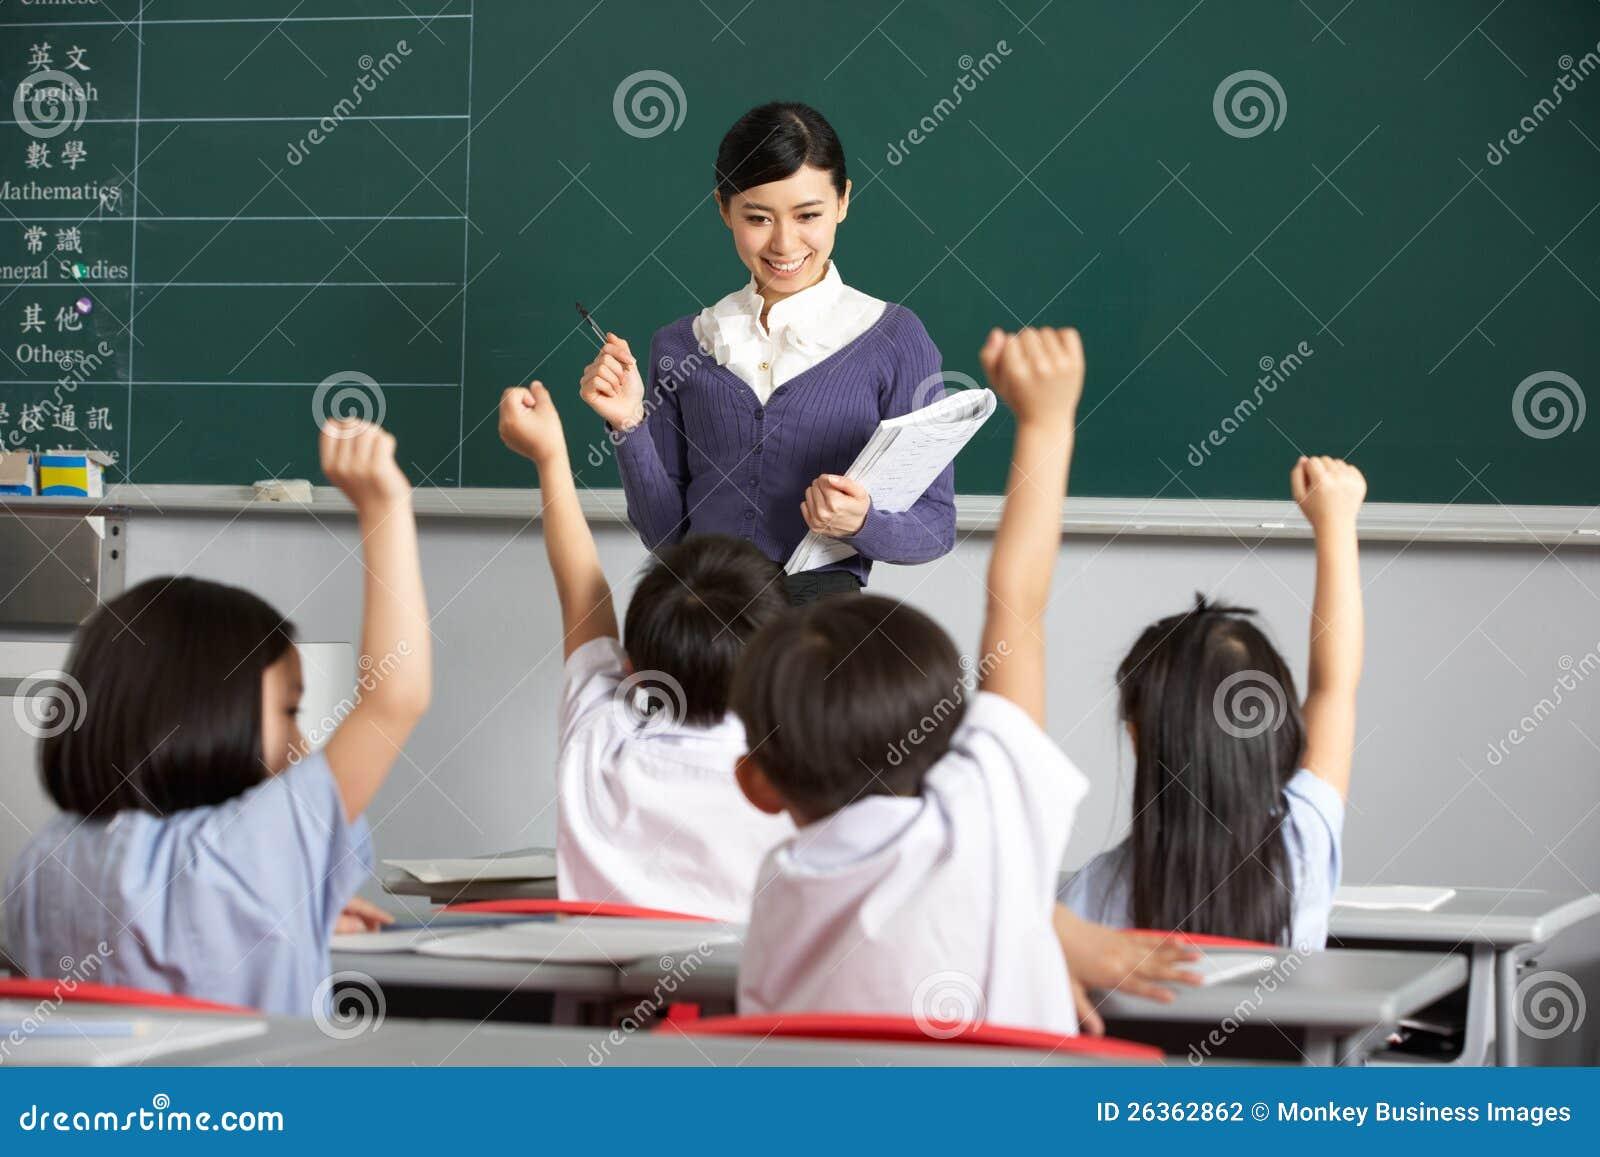 Учитель с ученицей 27 фотография